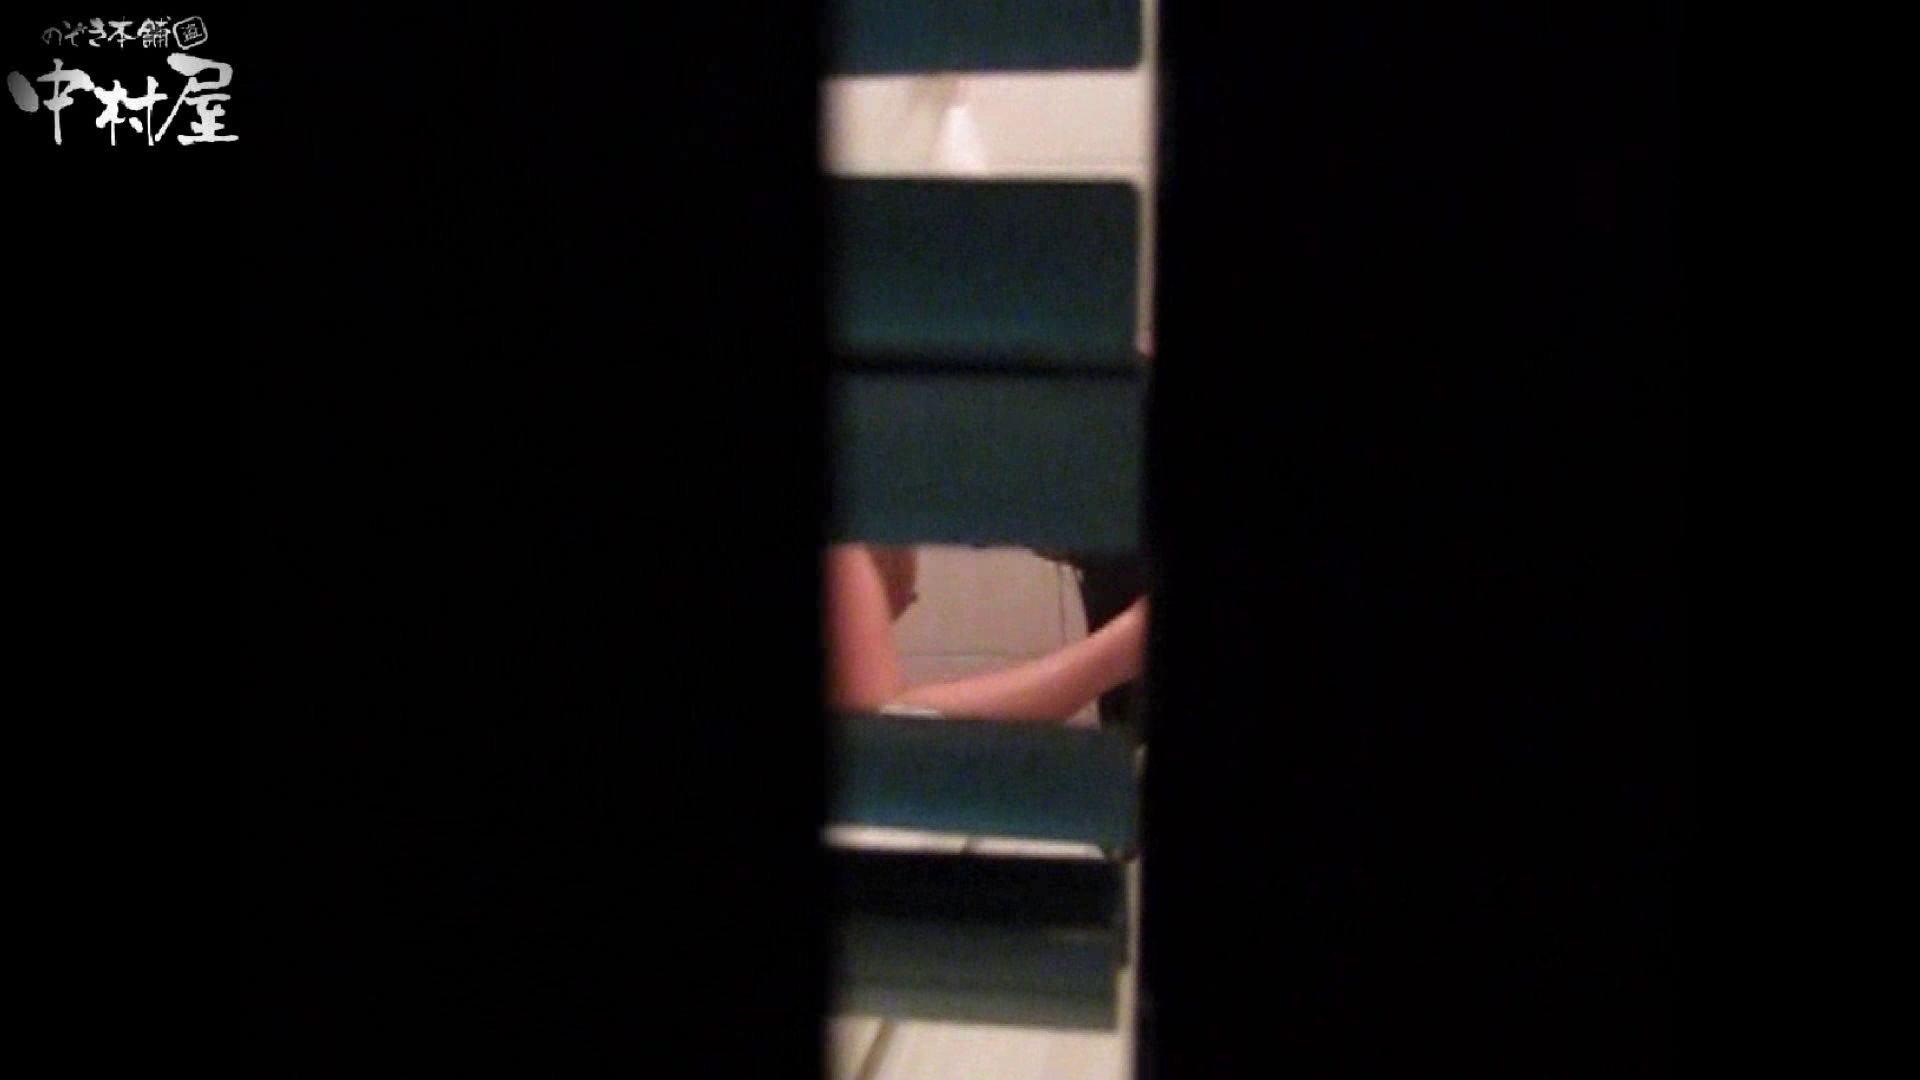 民家風呂専門盗撮師の超危険映像 vol.022 美少女エロ画像 えろ無修正画像 54PICs 35